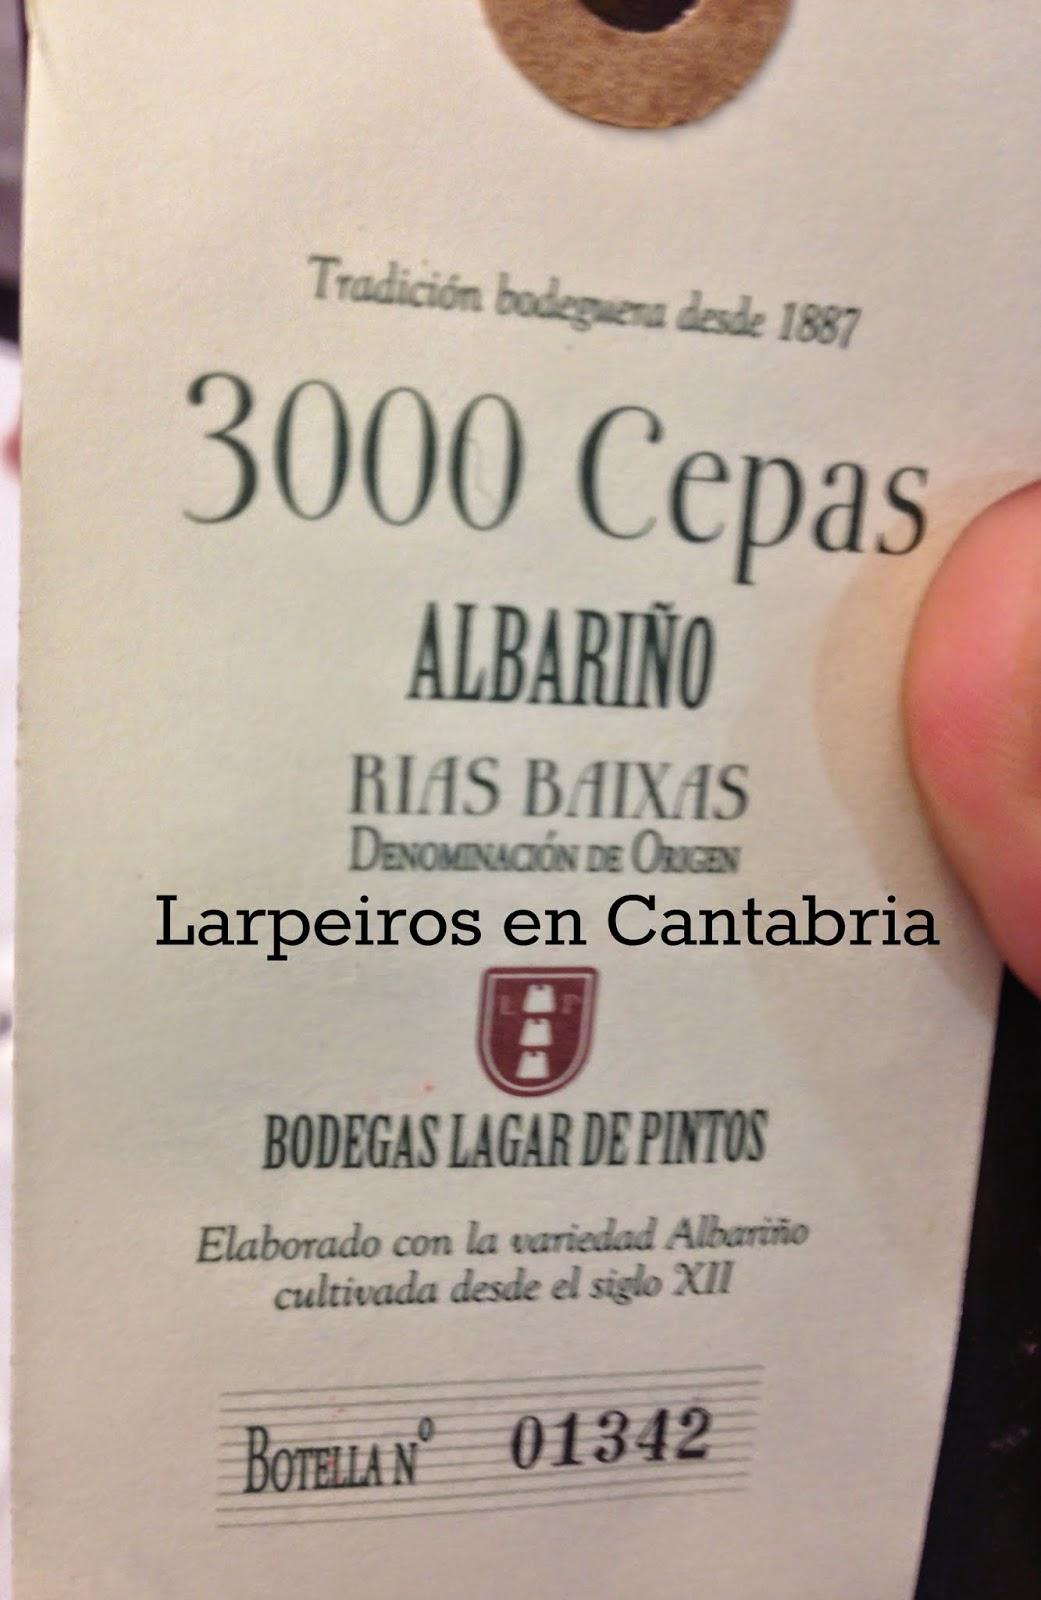 Vino Blanco 300 Cepas 2011: Para comprar unas cuantas botellas